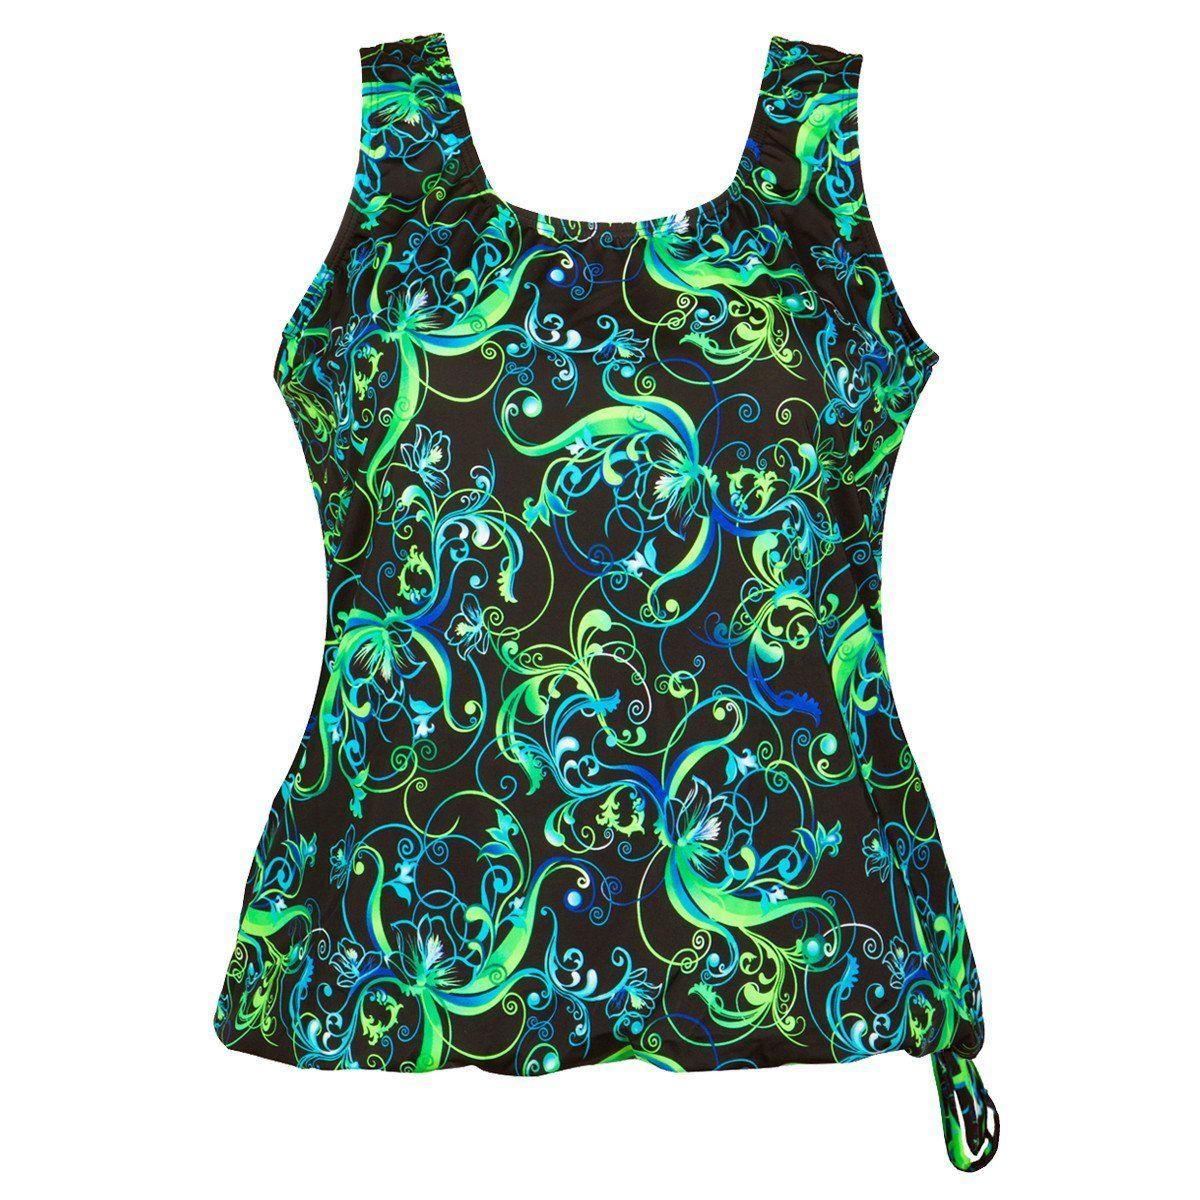 526d062ec6c43 Wear Your Own Bra Plus Size Swimwear Top - Paradise